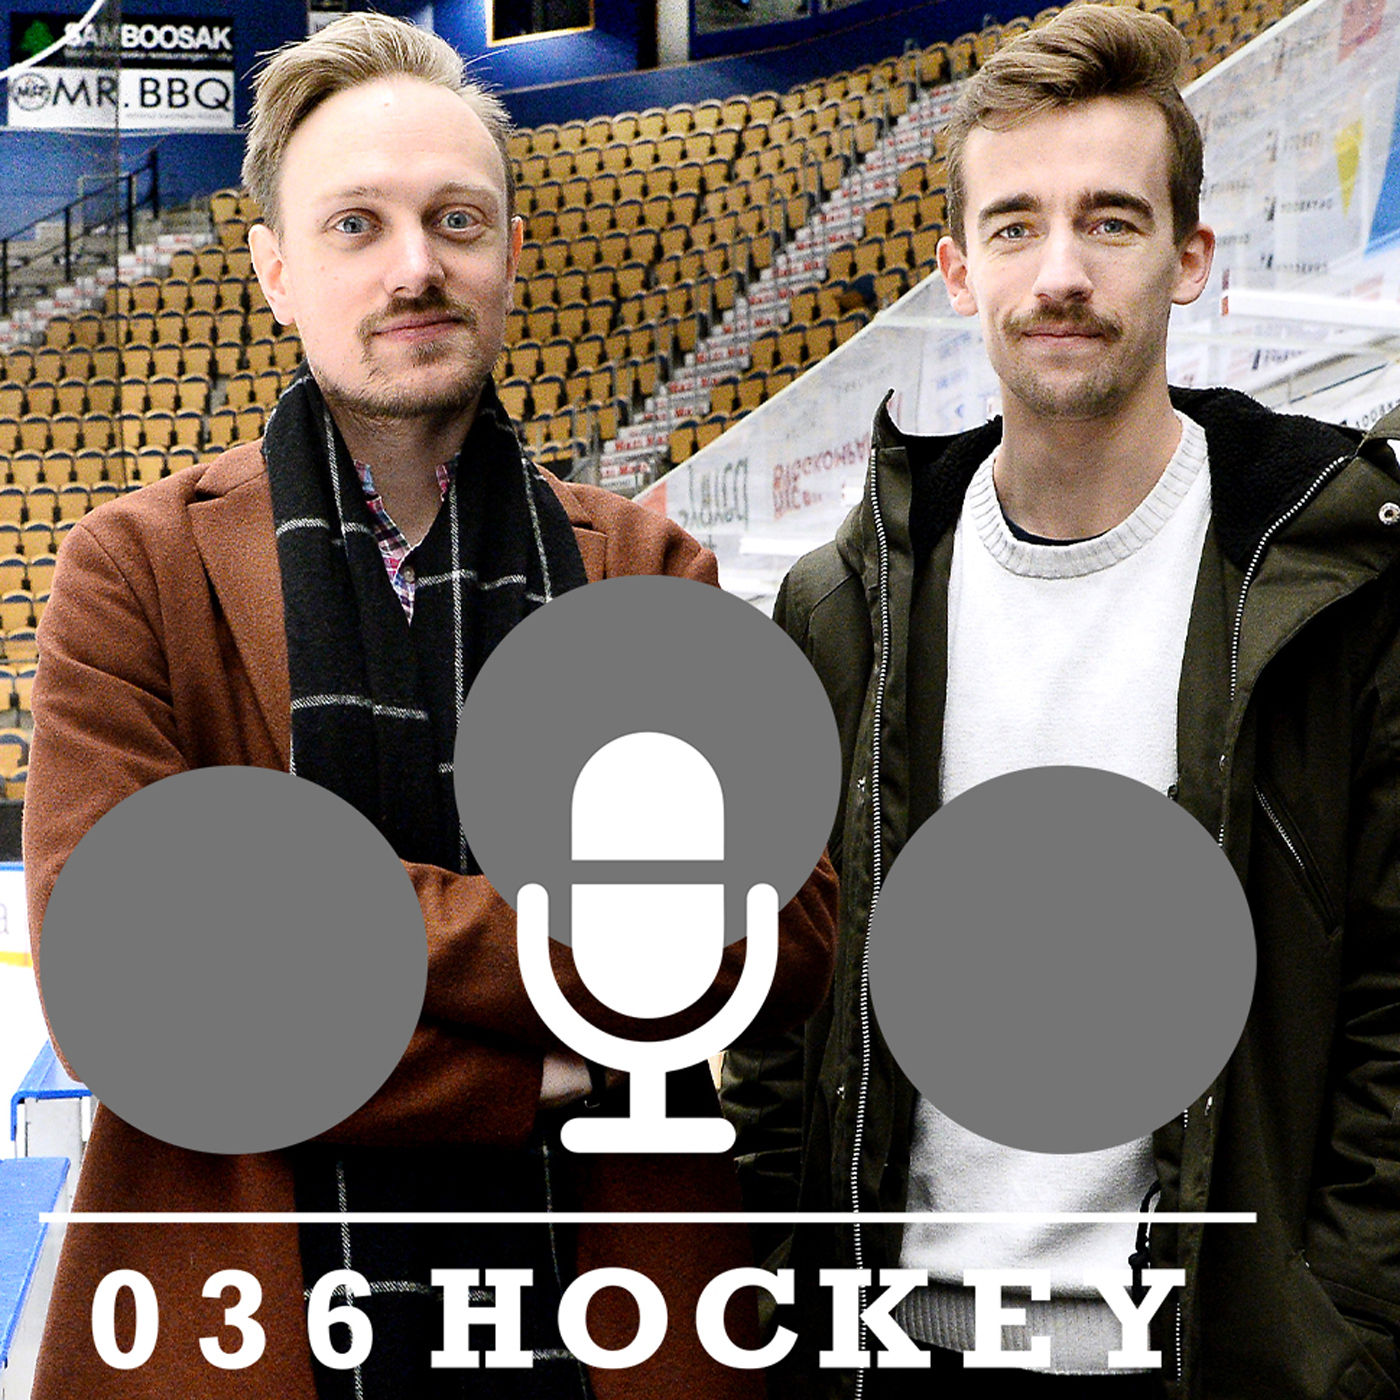 036hockey